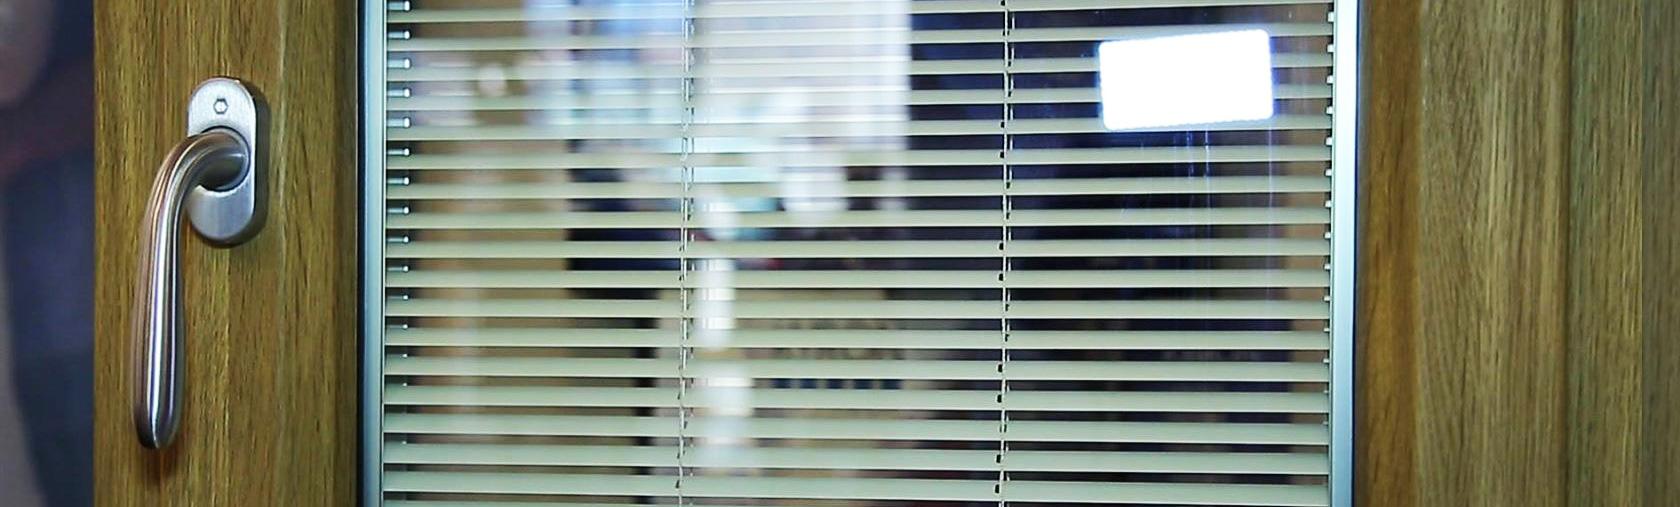 Finestre pvc produzione e vendita di infissi e finestre saliscendi - Veneziana finestra ...